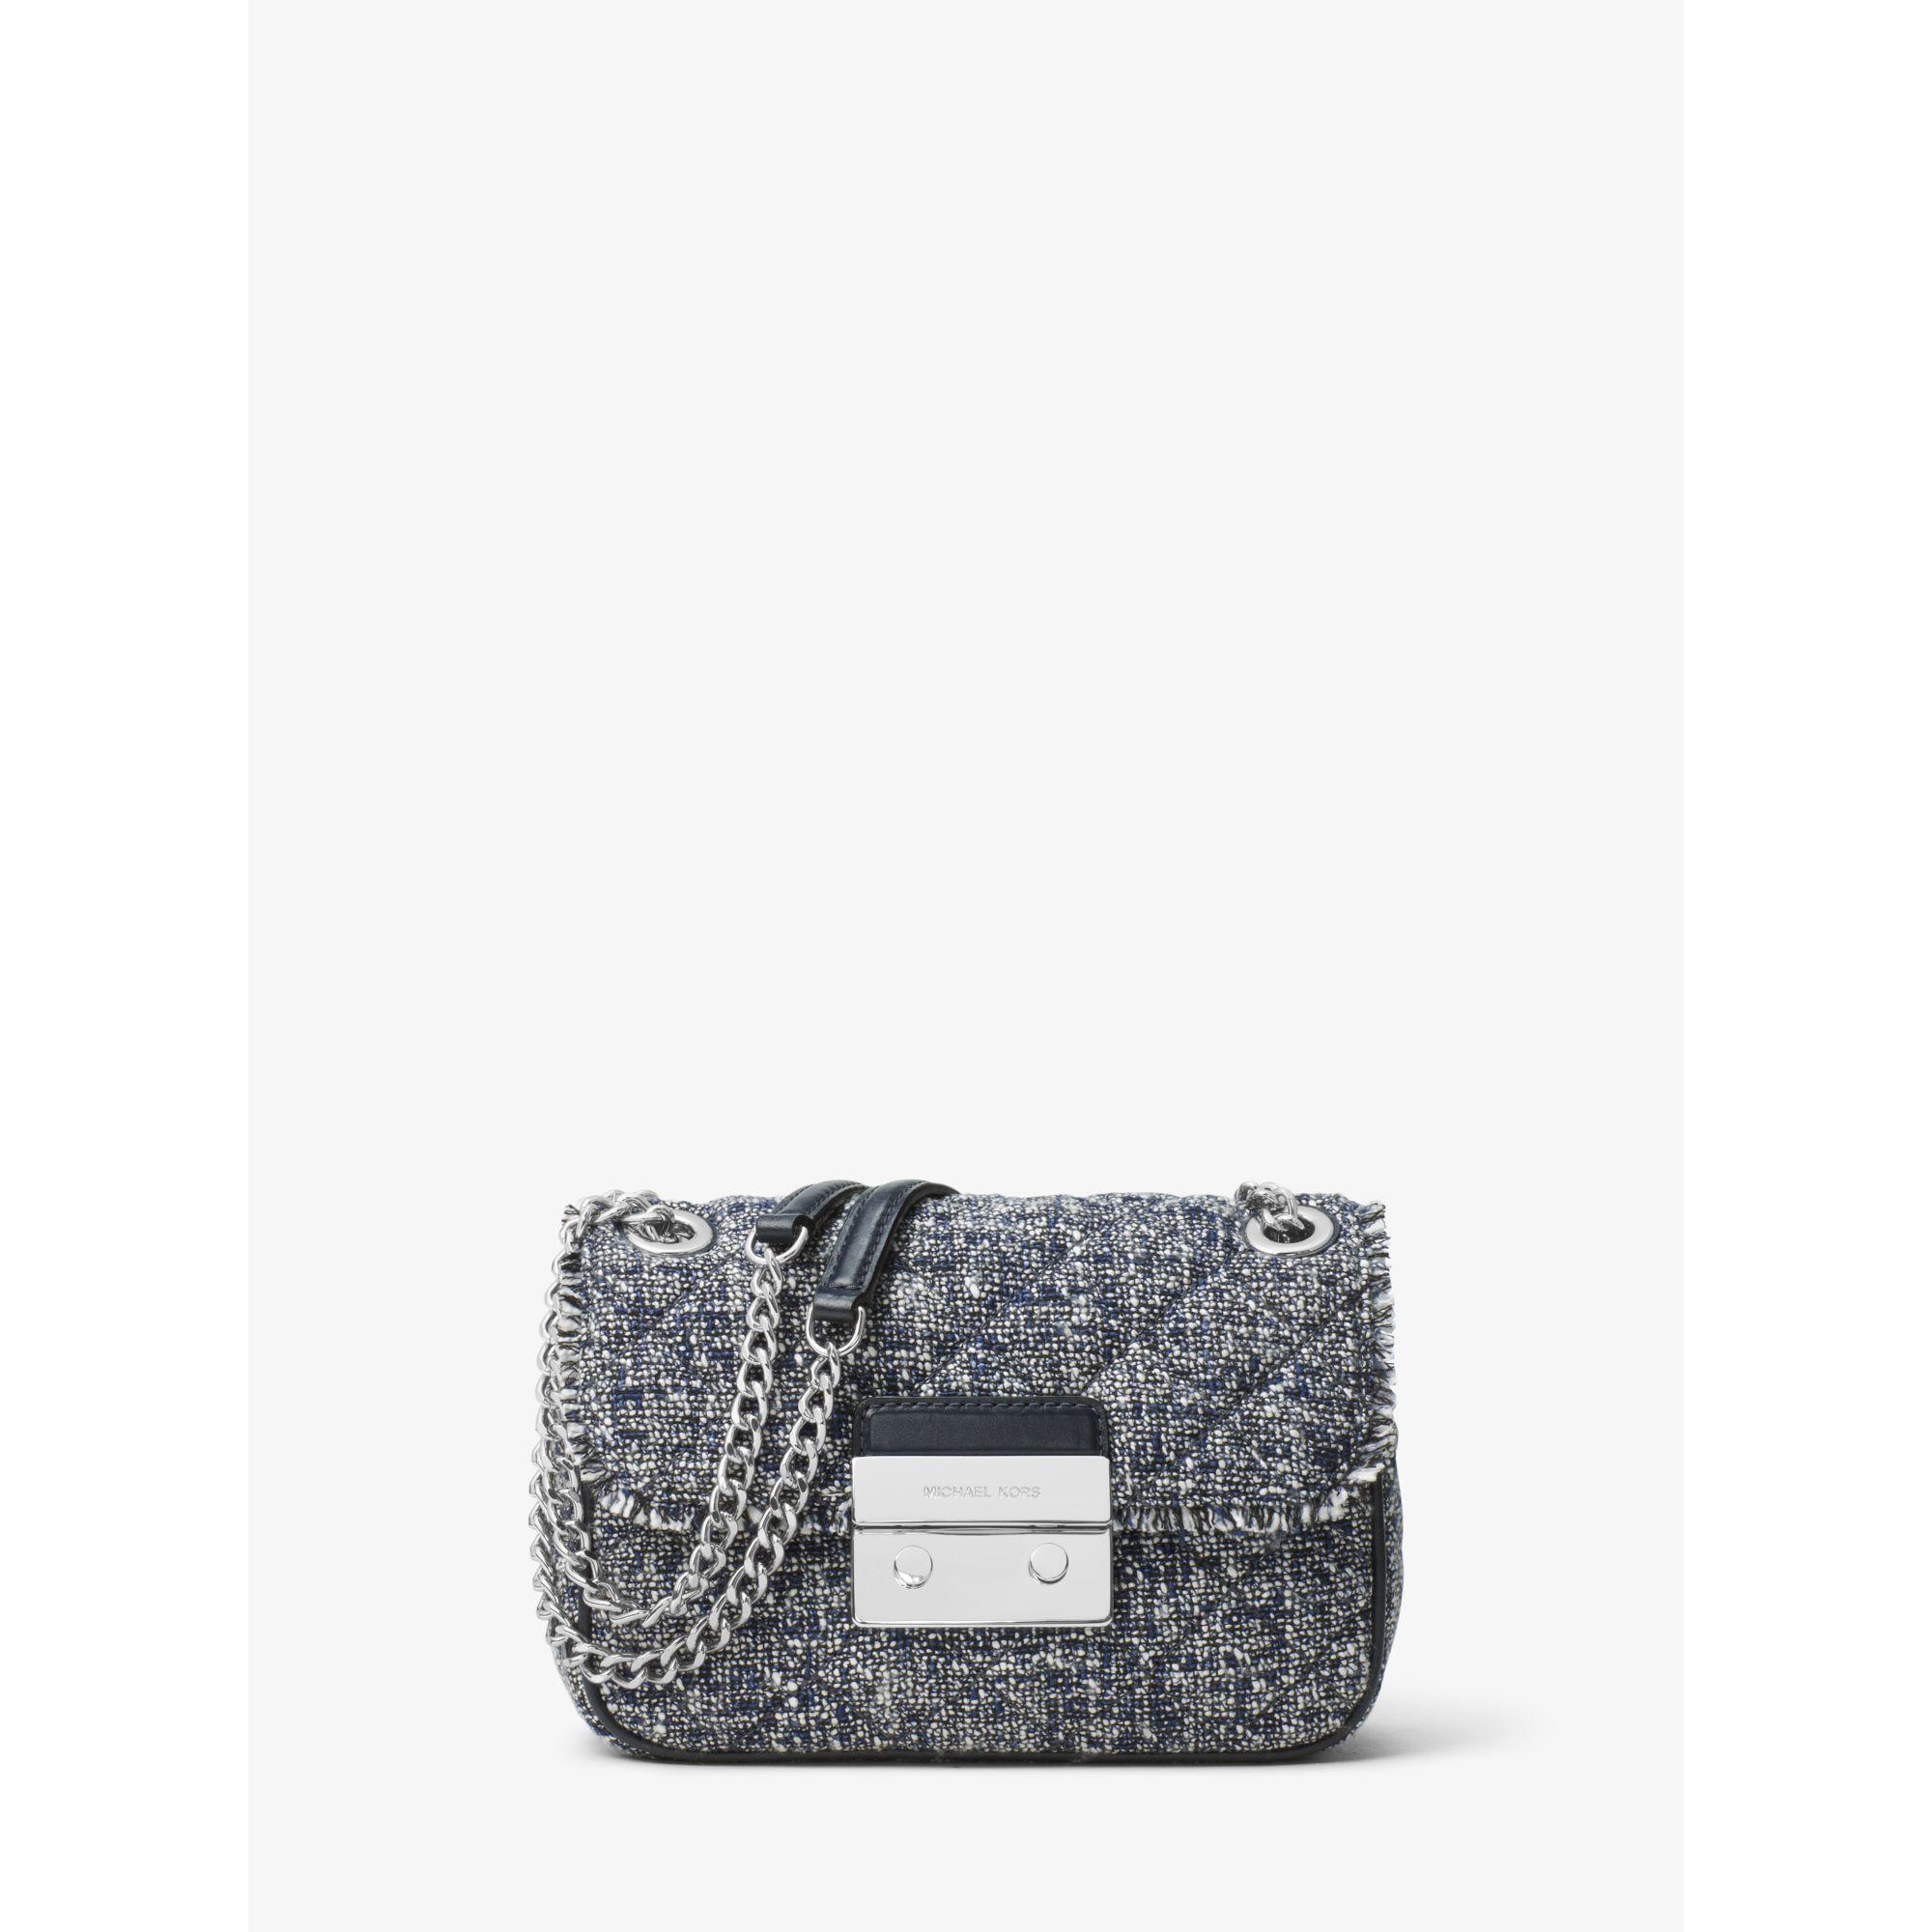 816d67902fe7 Michael Kors Sloan Small Tweed Shoulder Bag - Lyst